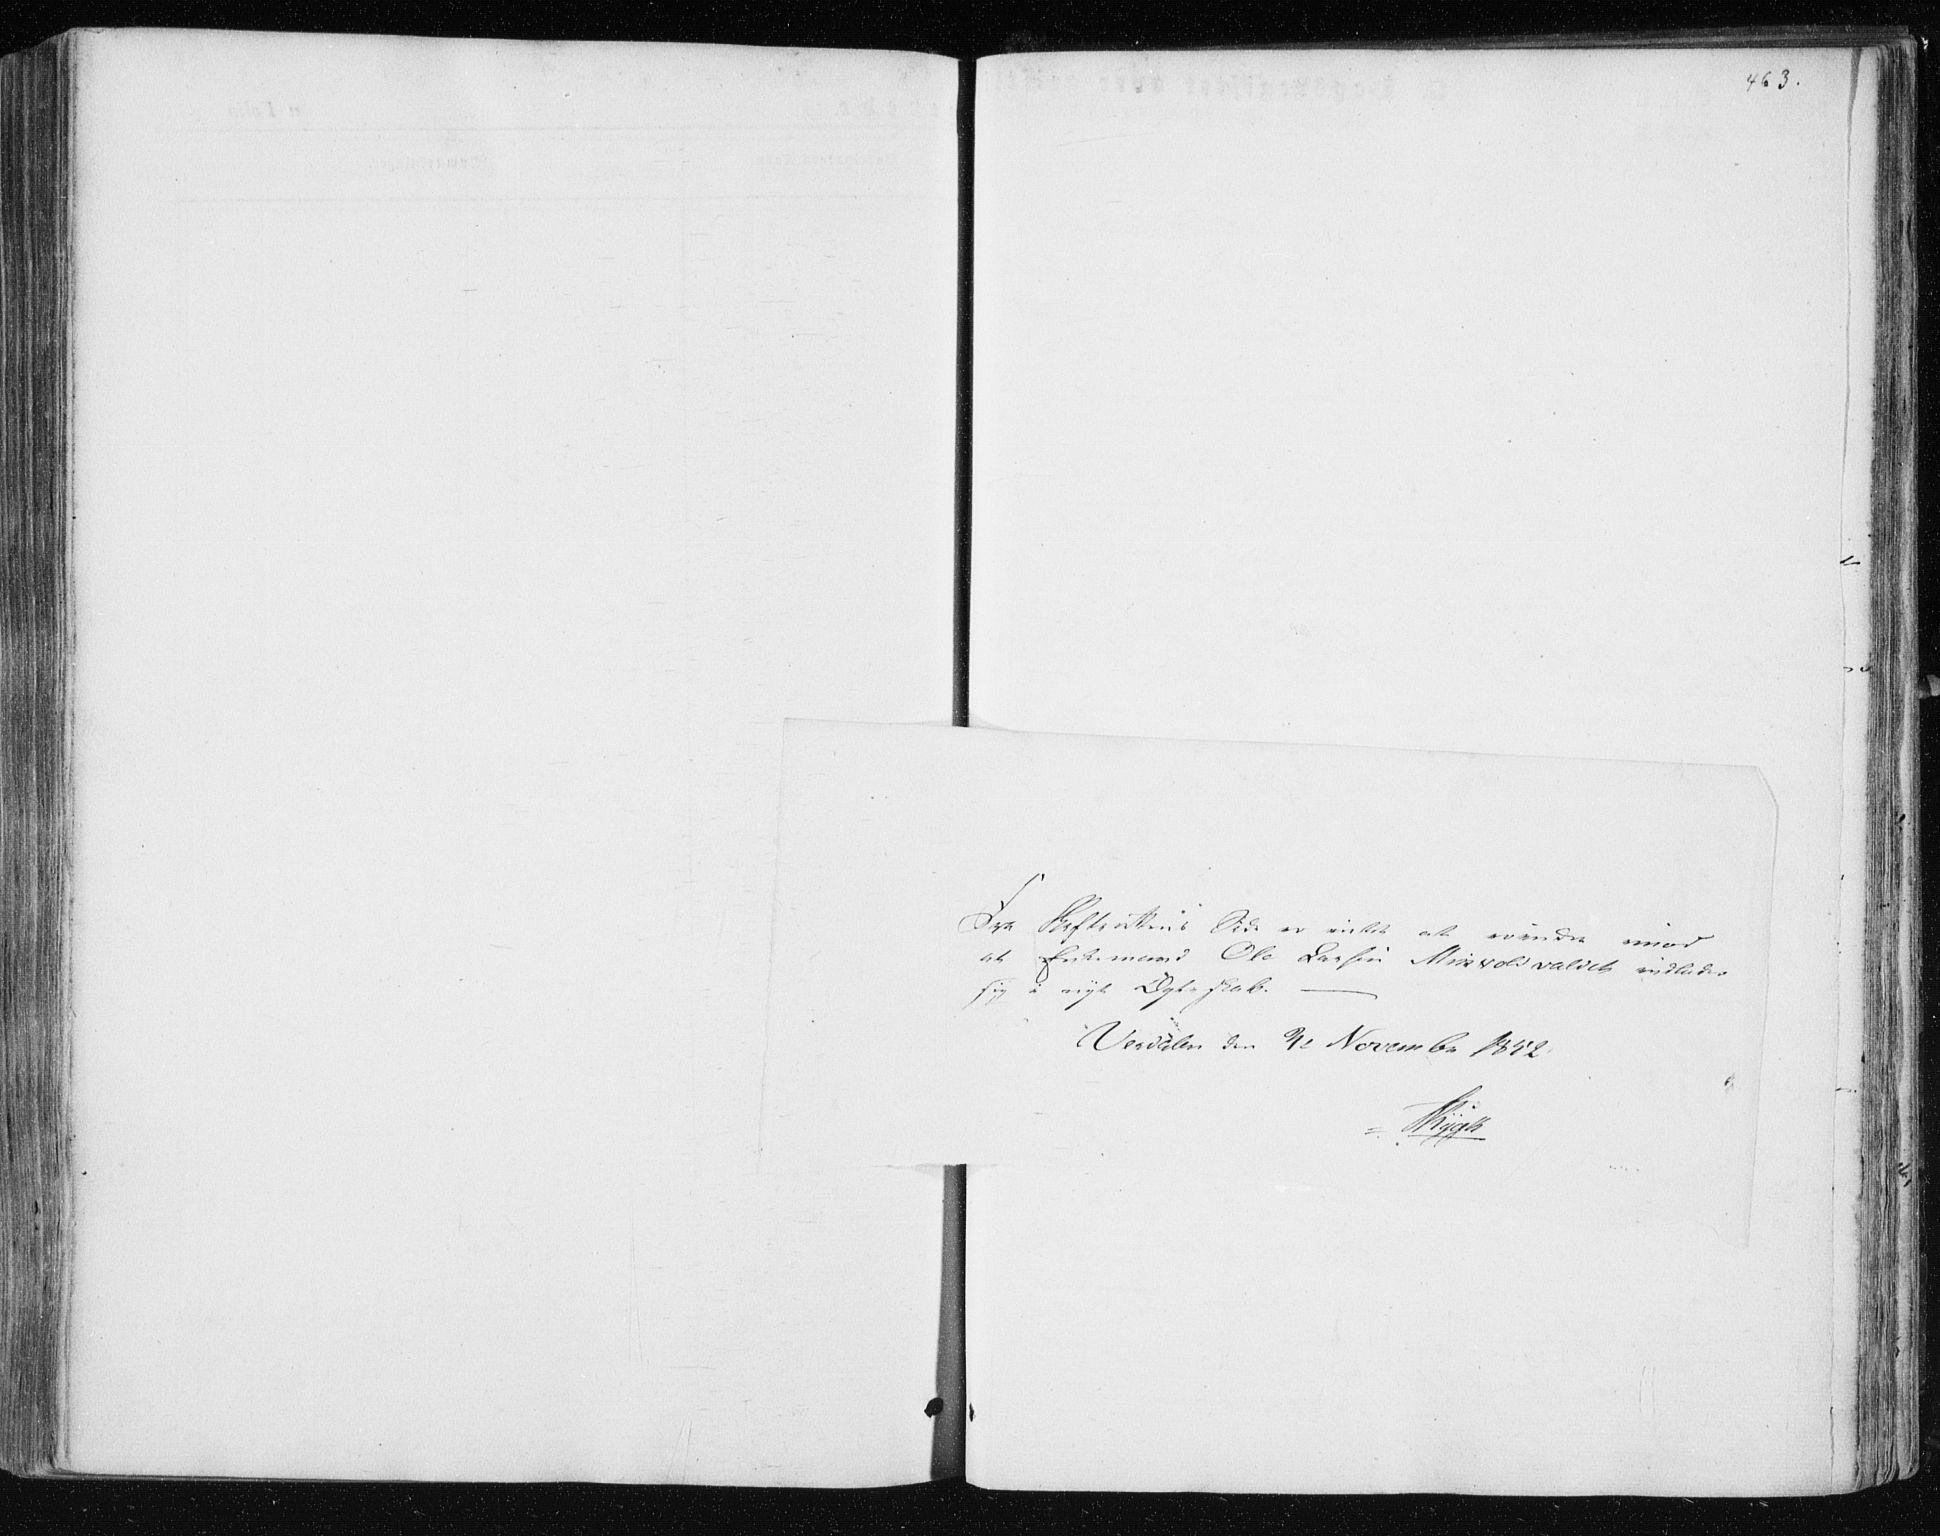 SAT, Ministerialprotokoller, klokkerbøker og fødselsregistre - Nord-Trøndelag, 723/L0240: Ministerialbok nr. 723A09, 1852-1860, s. 463